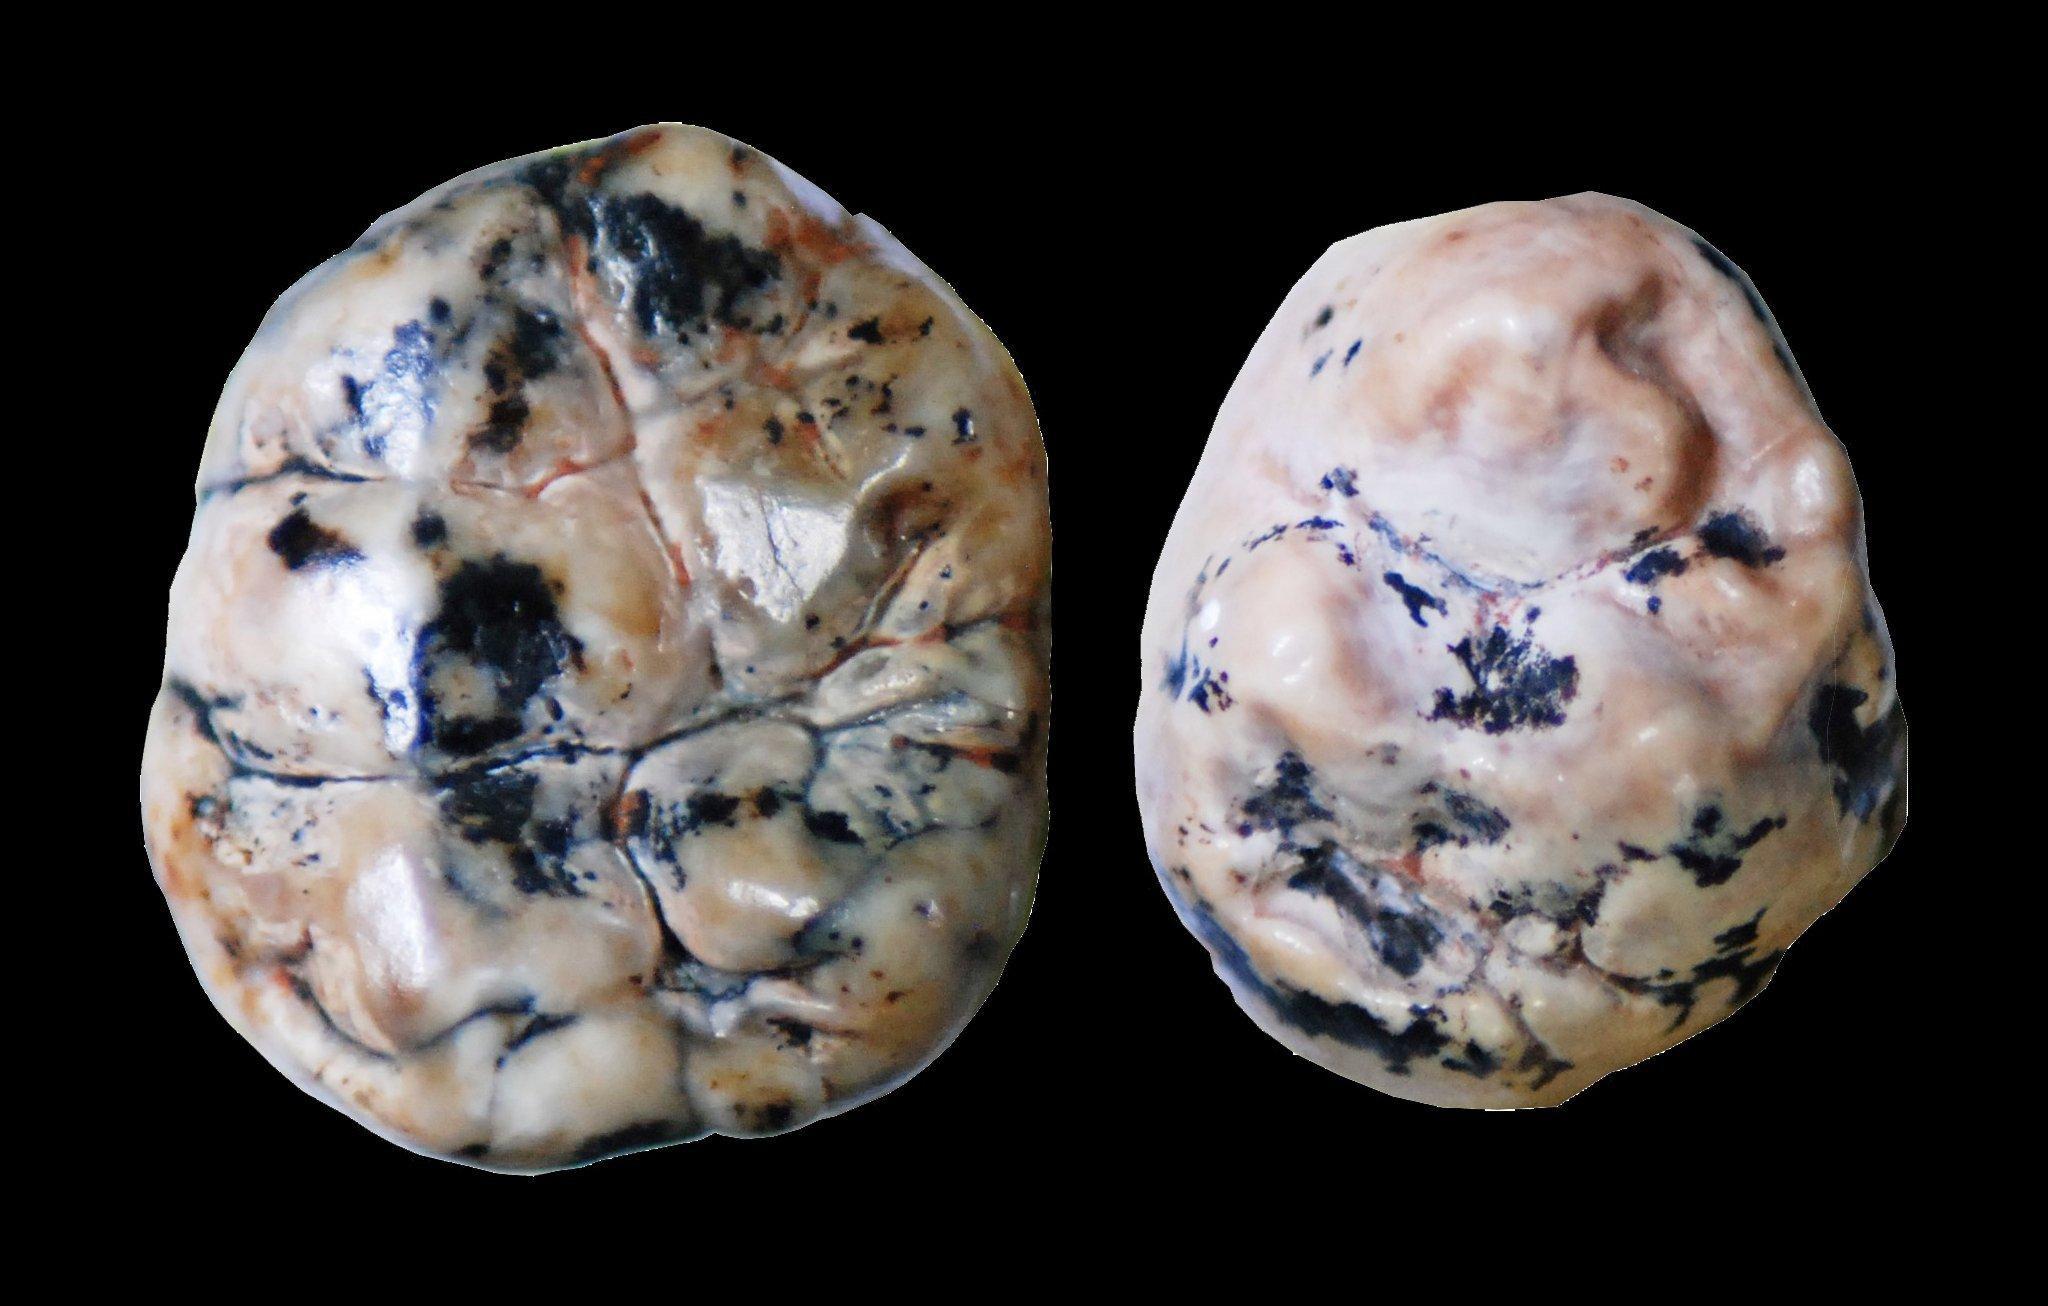 Das Foto zeigt links den fossilen Zahn eines Australopithecus africanus von oben und rechts den etwas kleineren Zahn eines frühen Homo. Paläoanthropologen können die Zähne anhand ihrer unterschiedlichen Morphologie – etwa die Form der Hügel und Furchen auf der Zahnkrone – zuordnen. Doch nicht nur das: Forscher um den Franzosen Vincent Balter von der Universität Lyon analysierten auch das Verhältnis von Variationen (Isotopen) des Elementes Kalzium in den Zähnen und konnten nachweisen, dass sich die Arten in ihrem Stillverhalten unterscheiden.